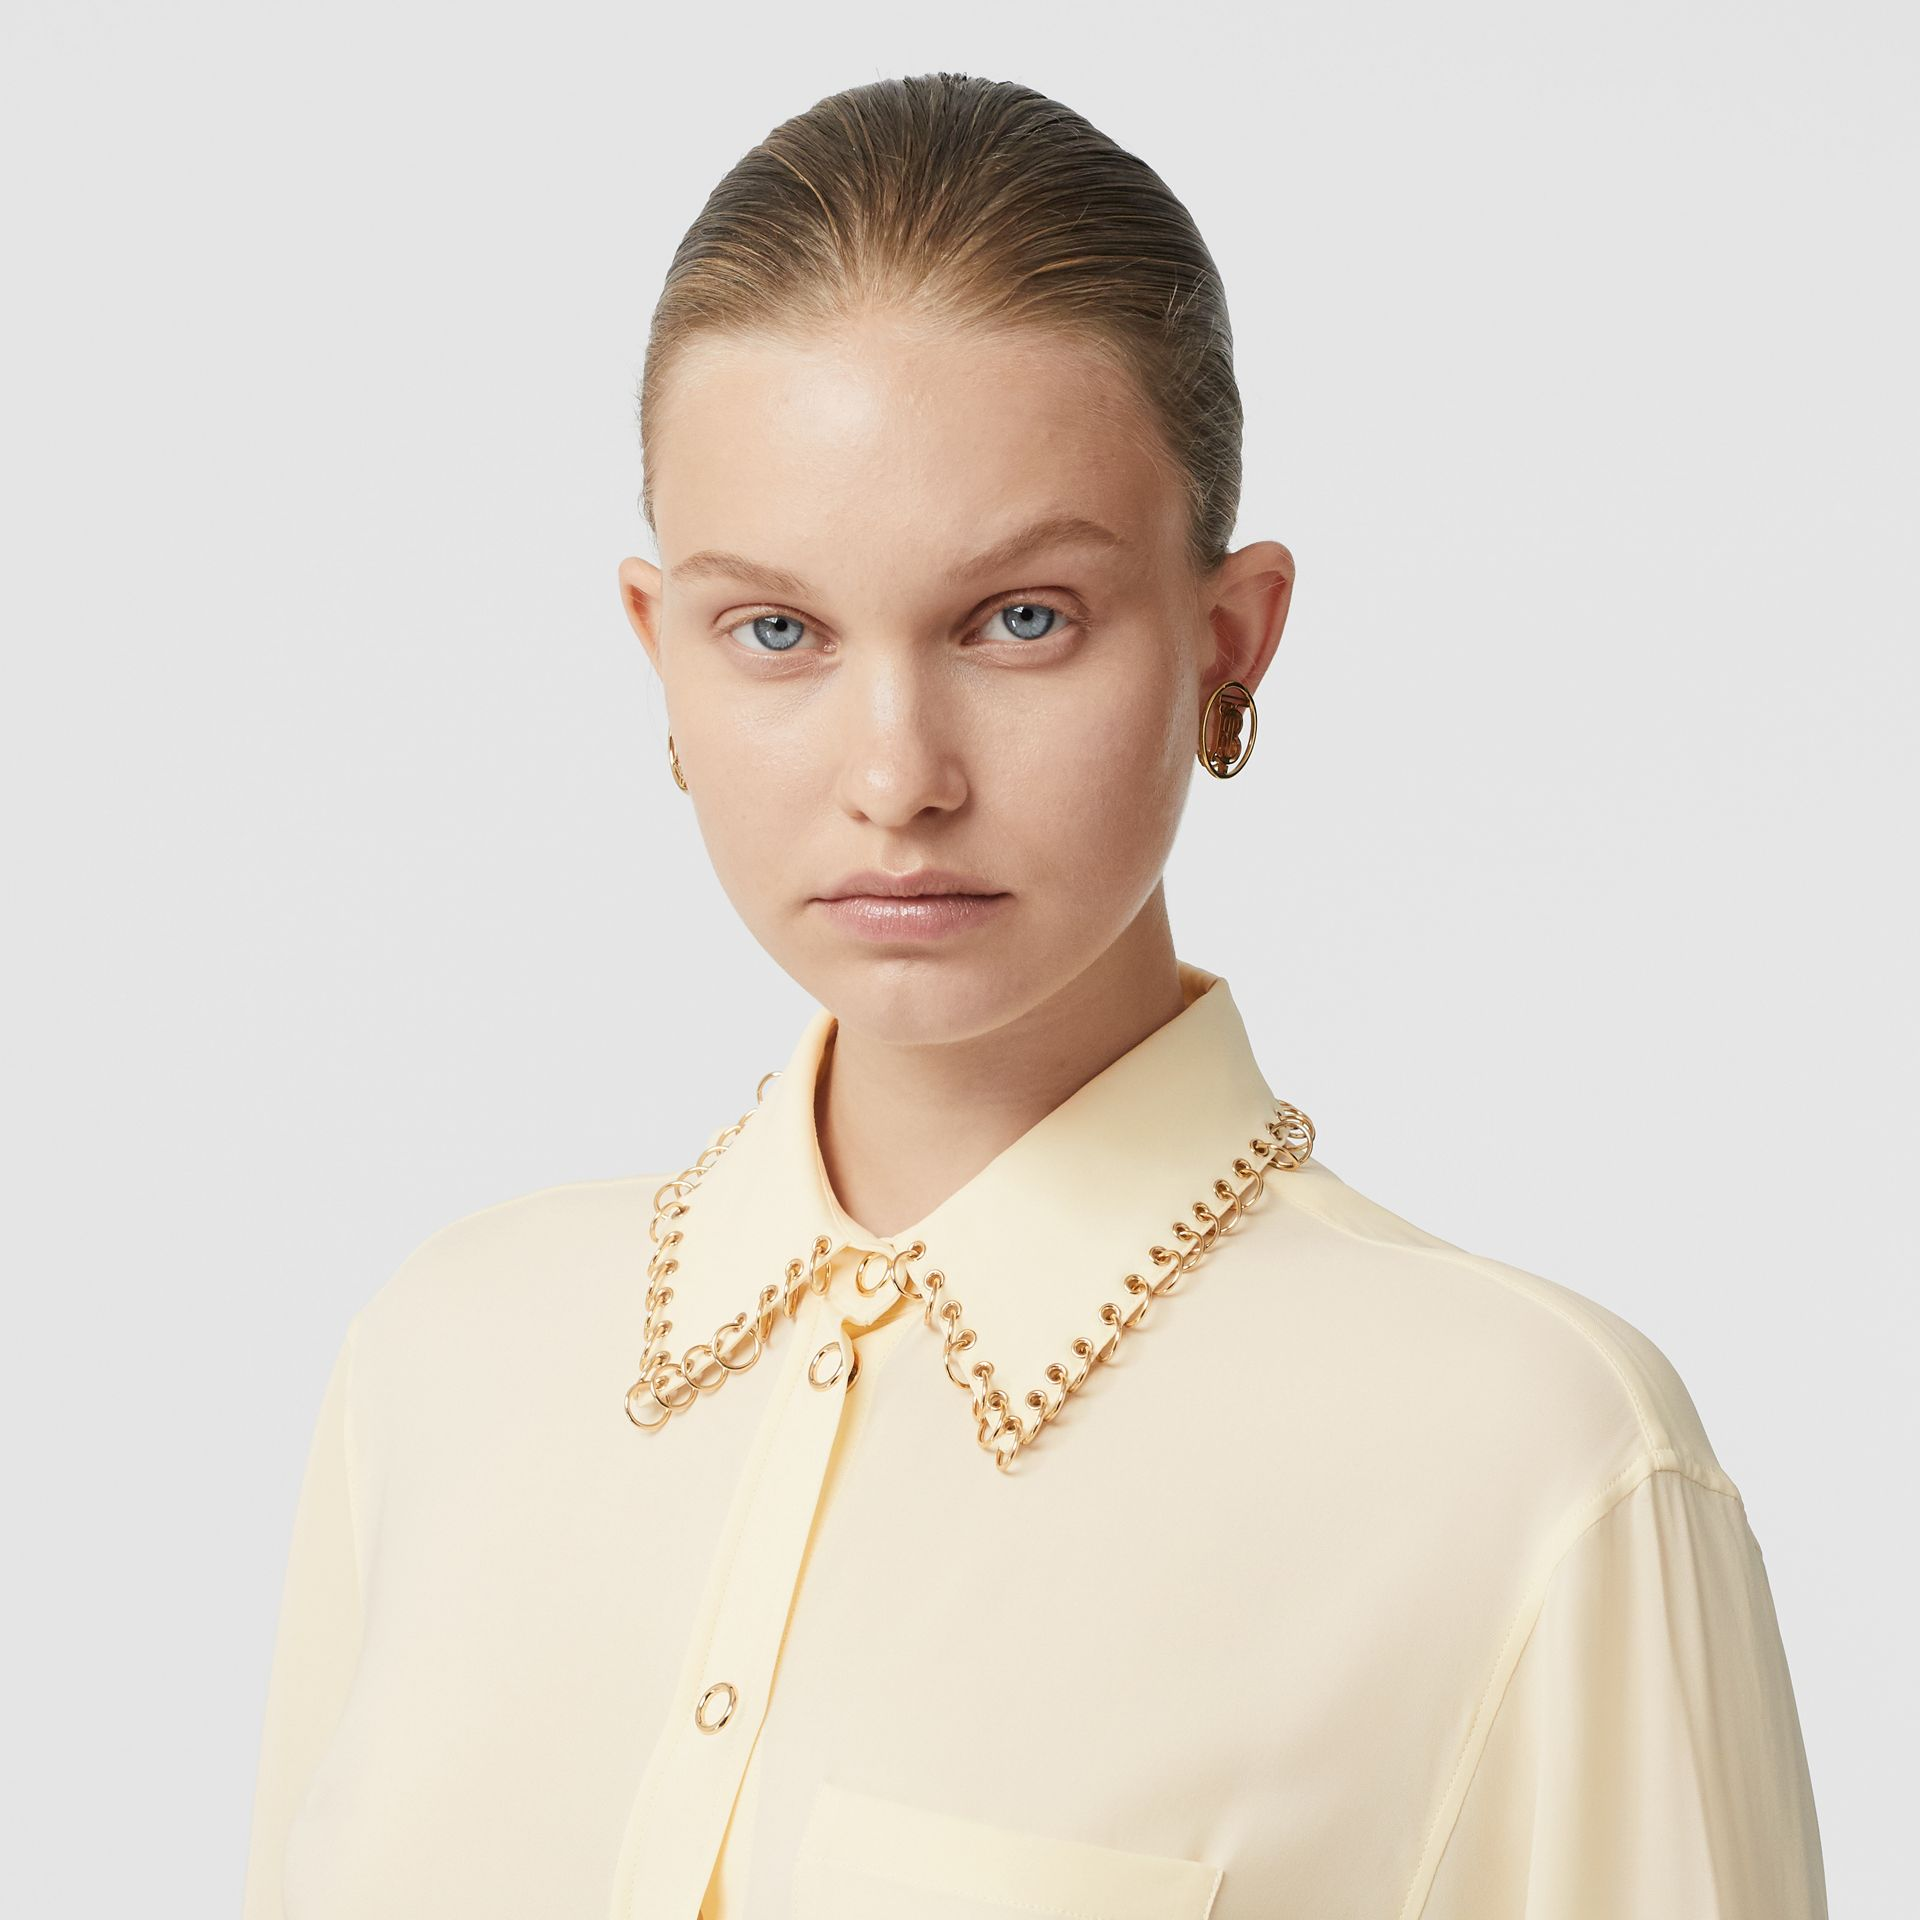 穿孔細環絲質寬版襯衫 (香草色) - 女款 | Burberry - 圖庫照片 1